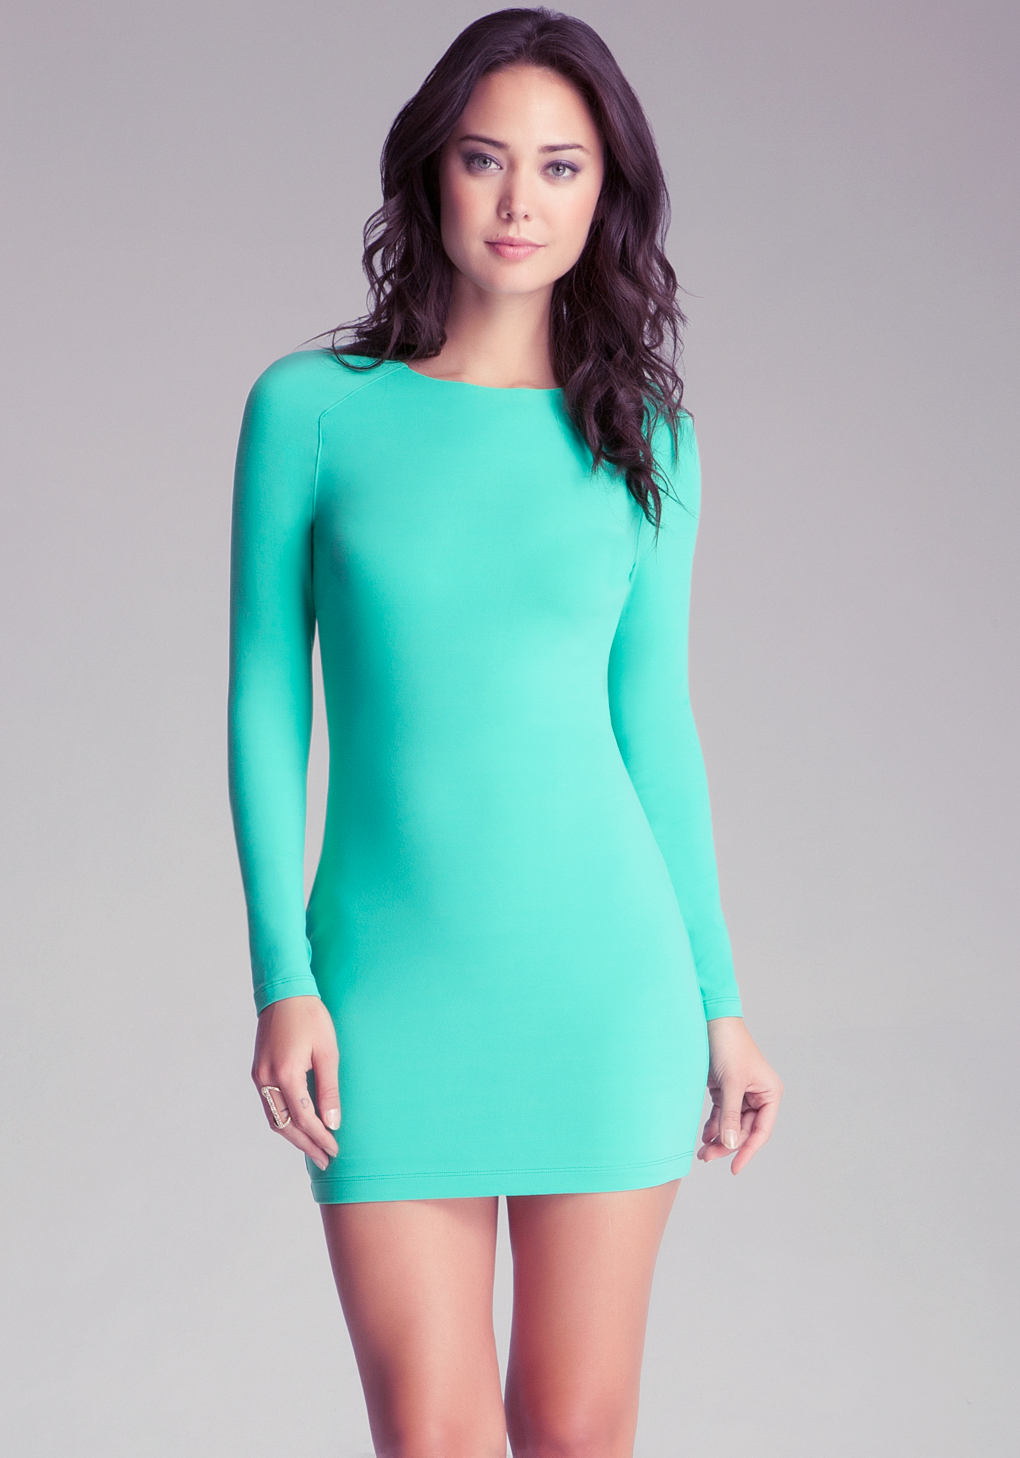 17c970247050 Lyst - Bebe Long Sleeve Bodycon Dress in Green